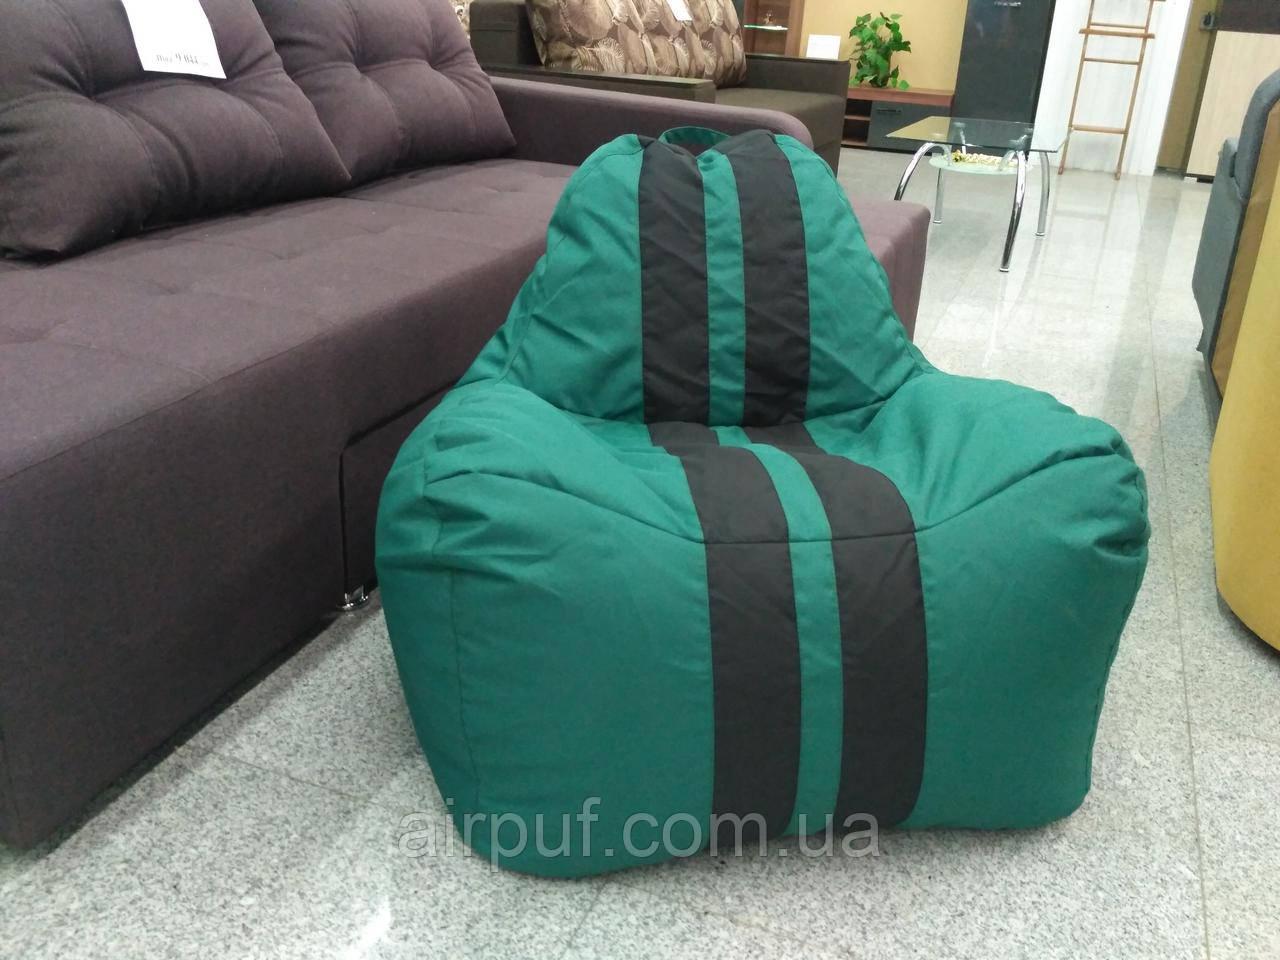 """Кресло-мешок """"Ferrari Sport"""" (ткань Оксфорд), размер 110*100 см"""